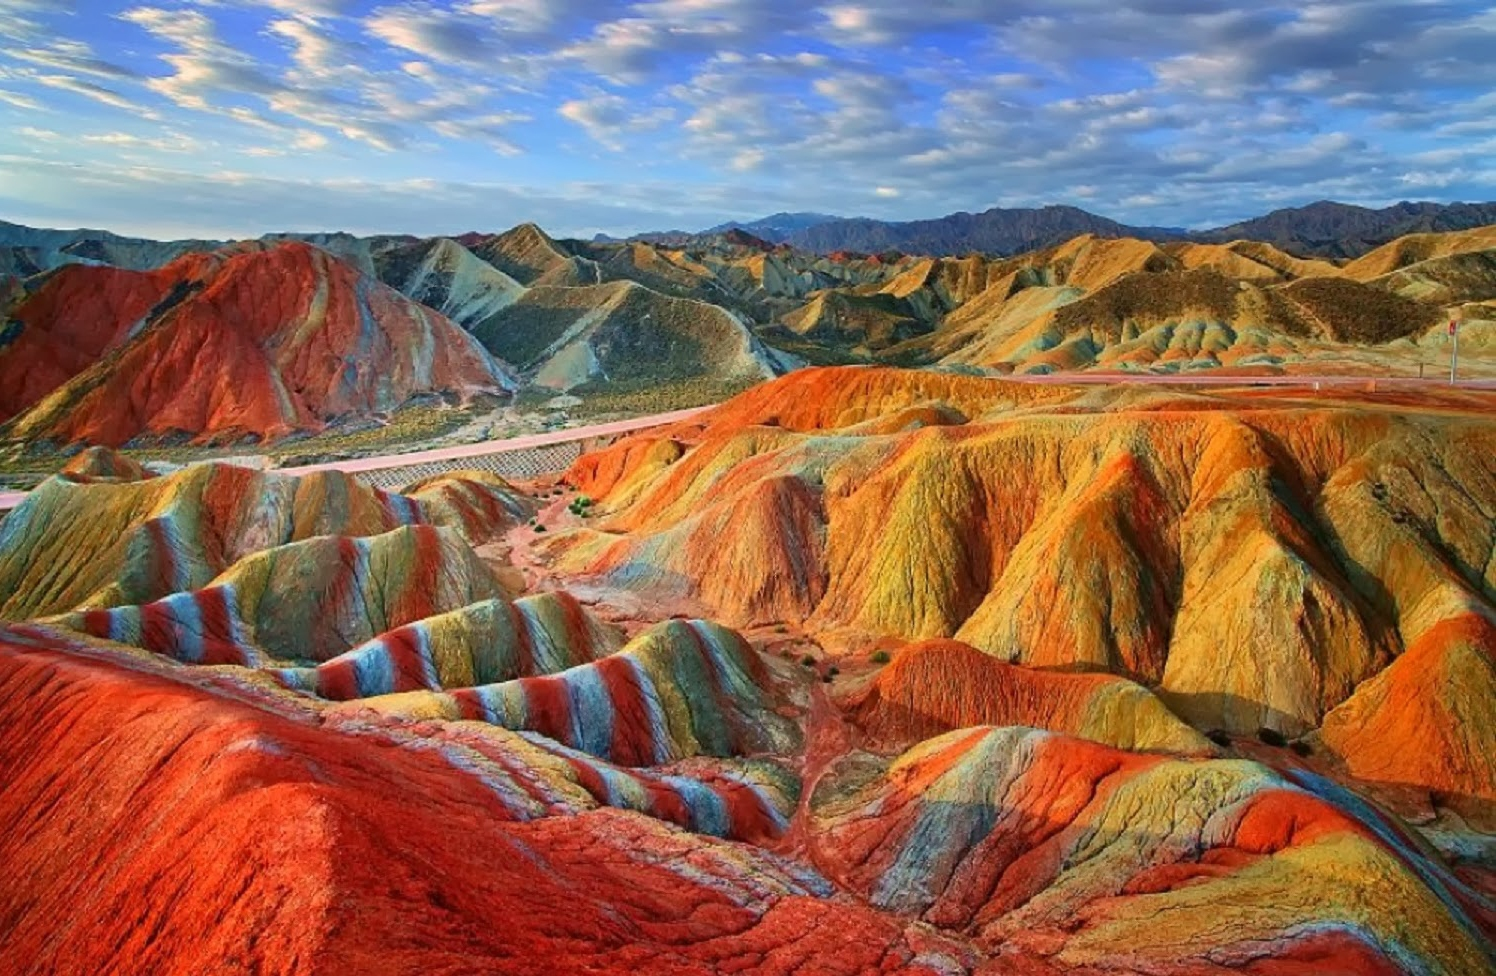 Viaggio Nelle Incredibili Montagne Arcobaleno Della Cina Corriereit